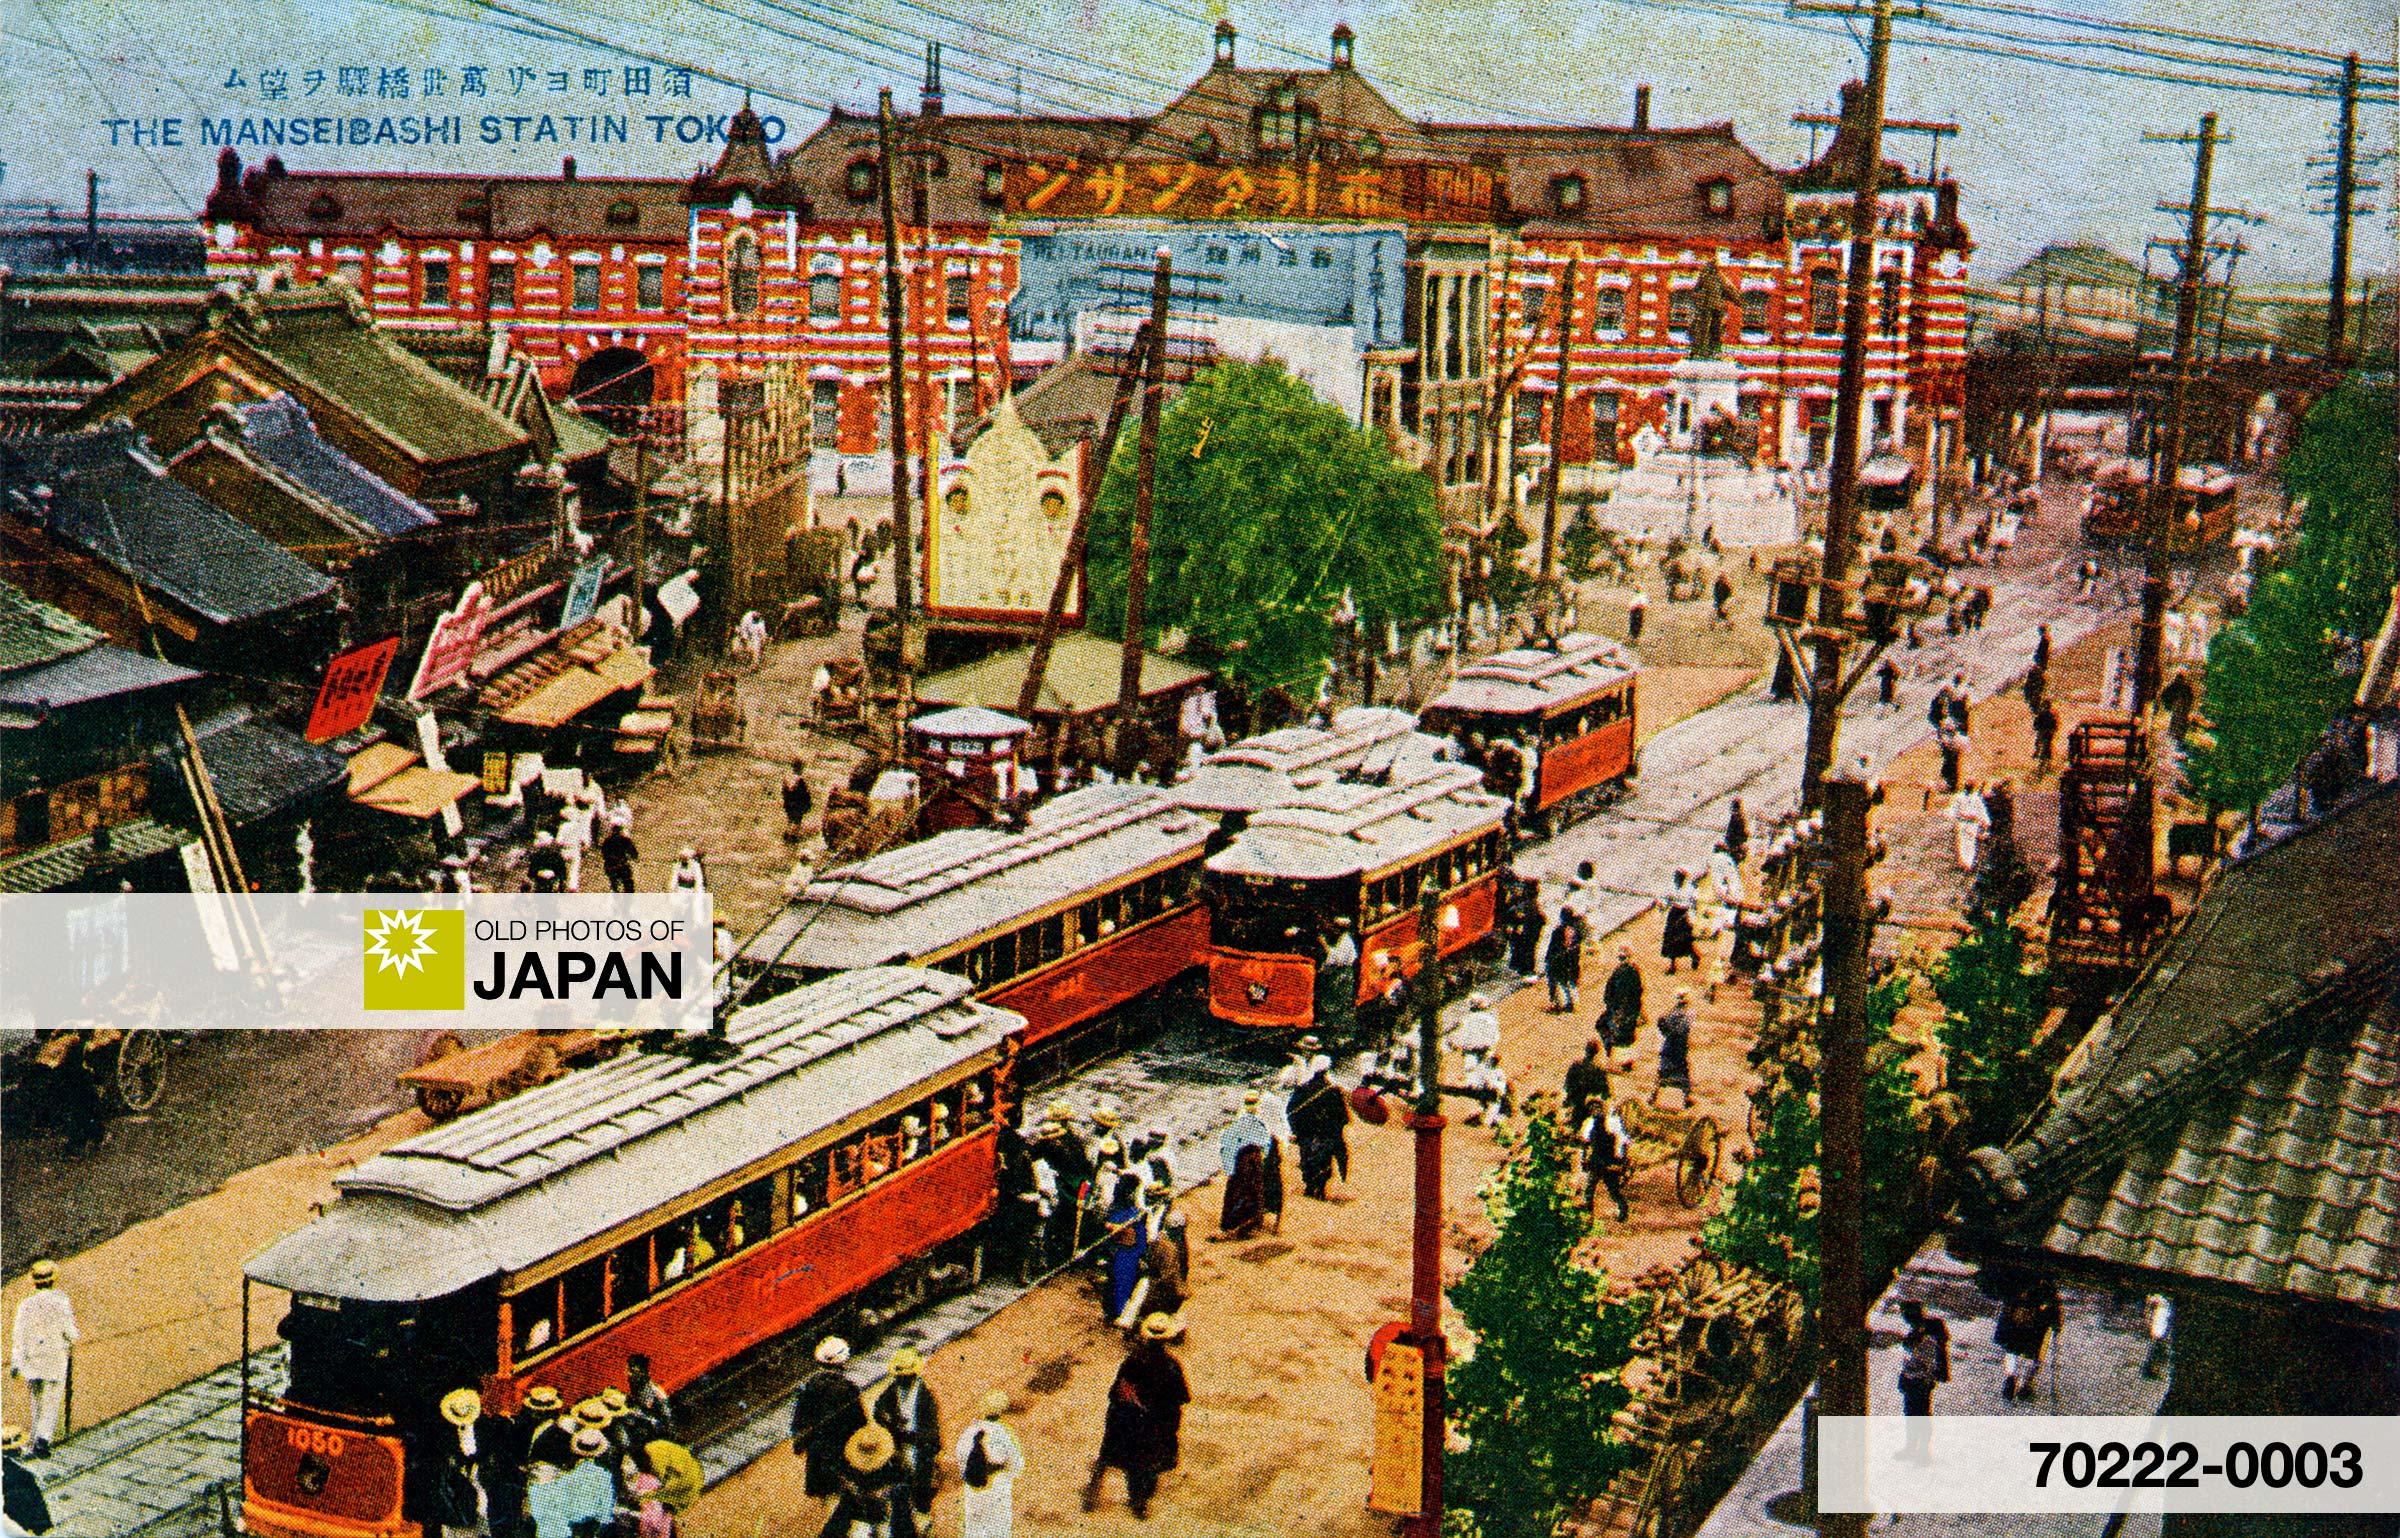 Manseibashi Station, Tokyo